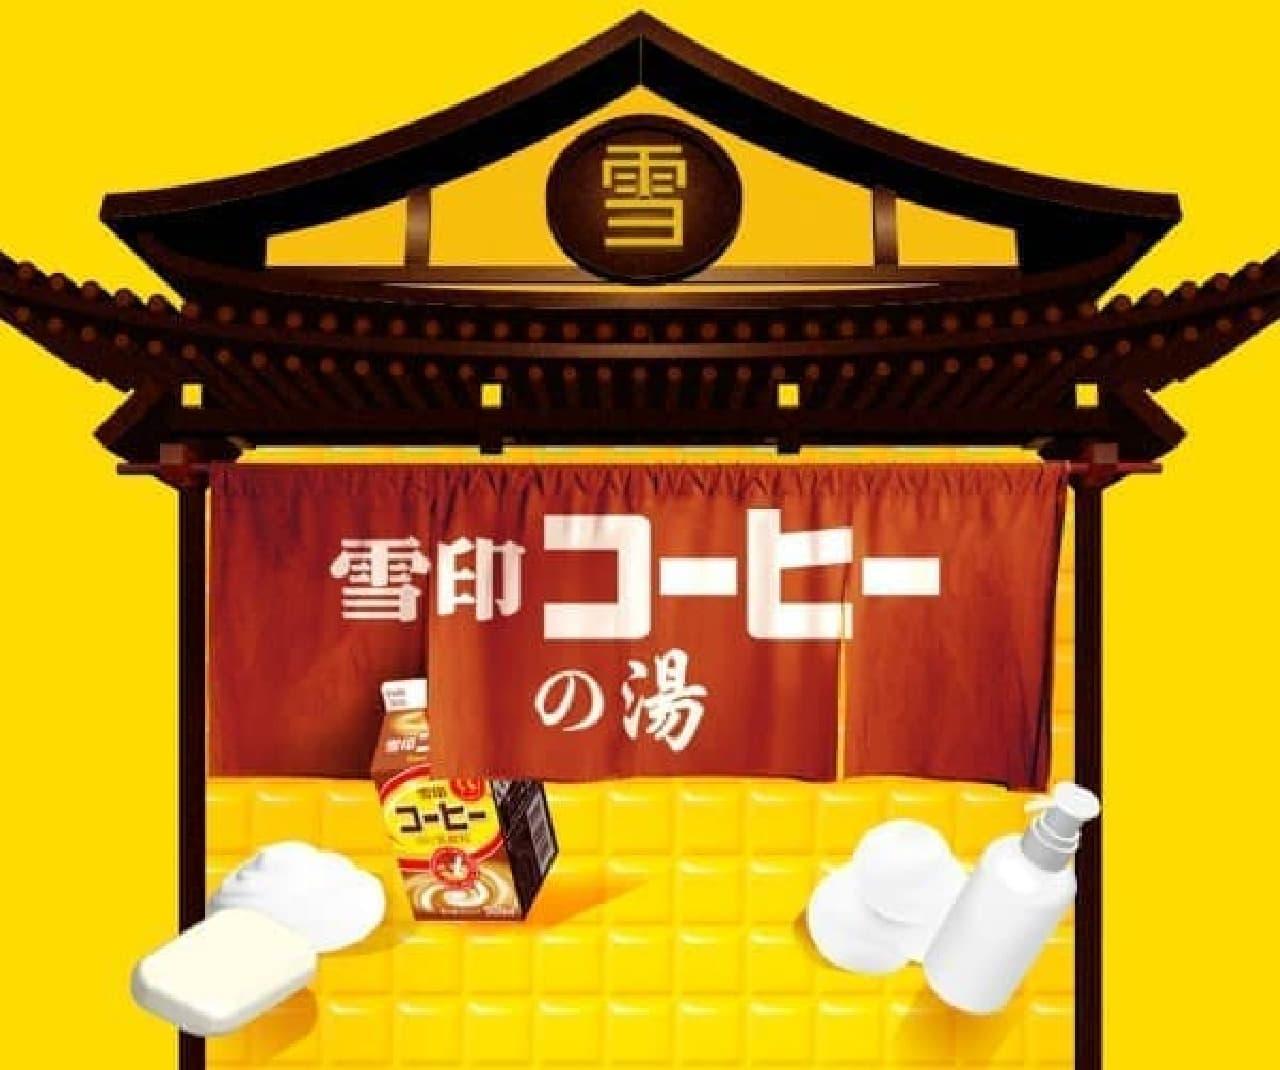 大田区南雪谷の銭湯「明神湯」に「雪印コーヒーの湯」